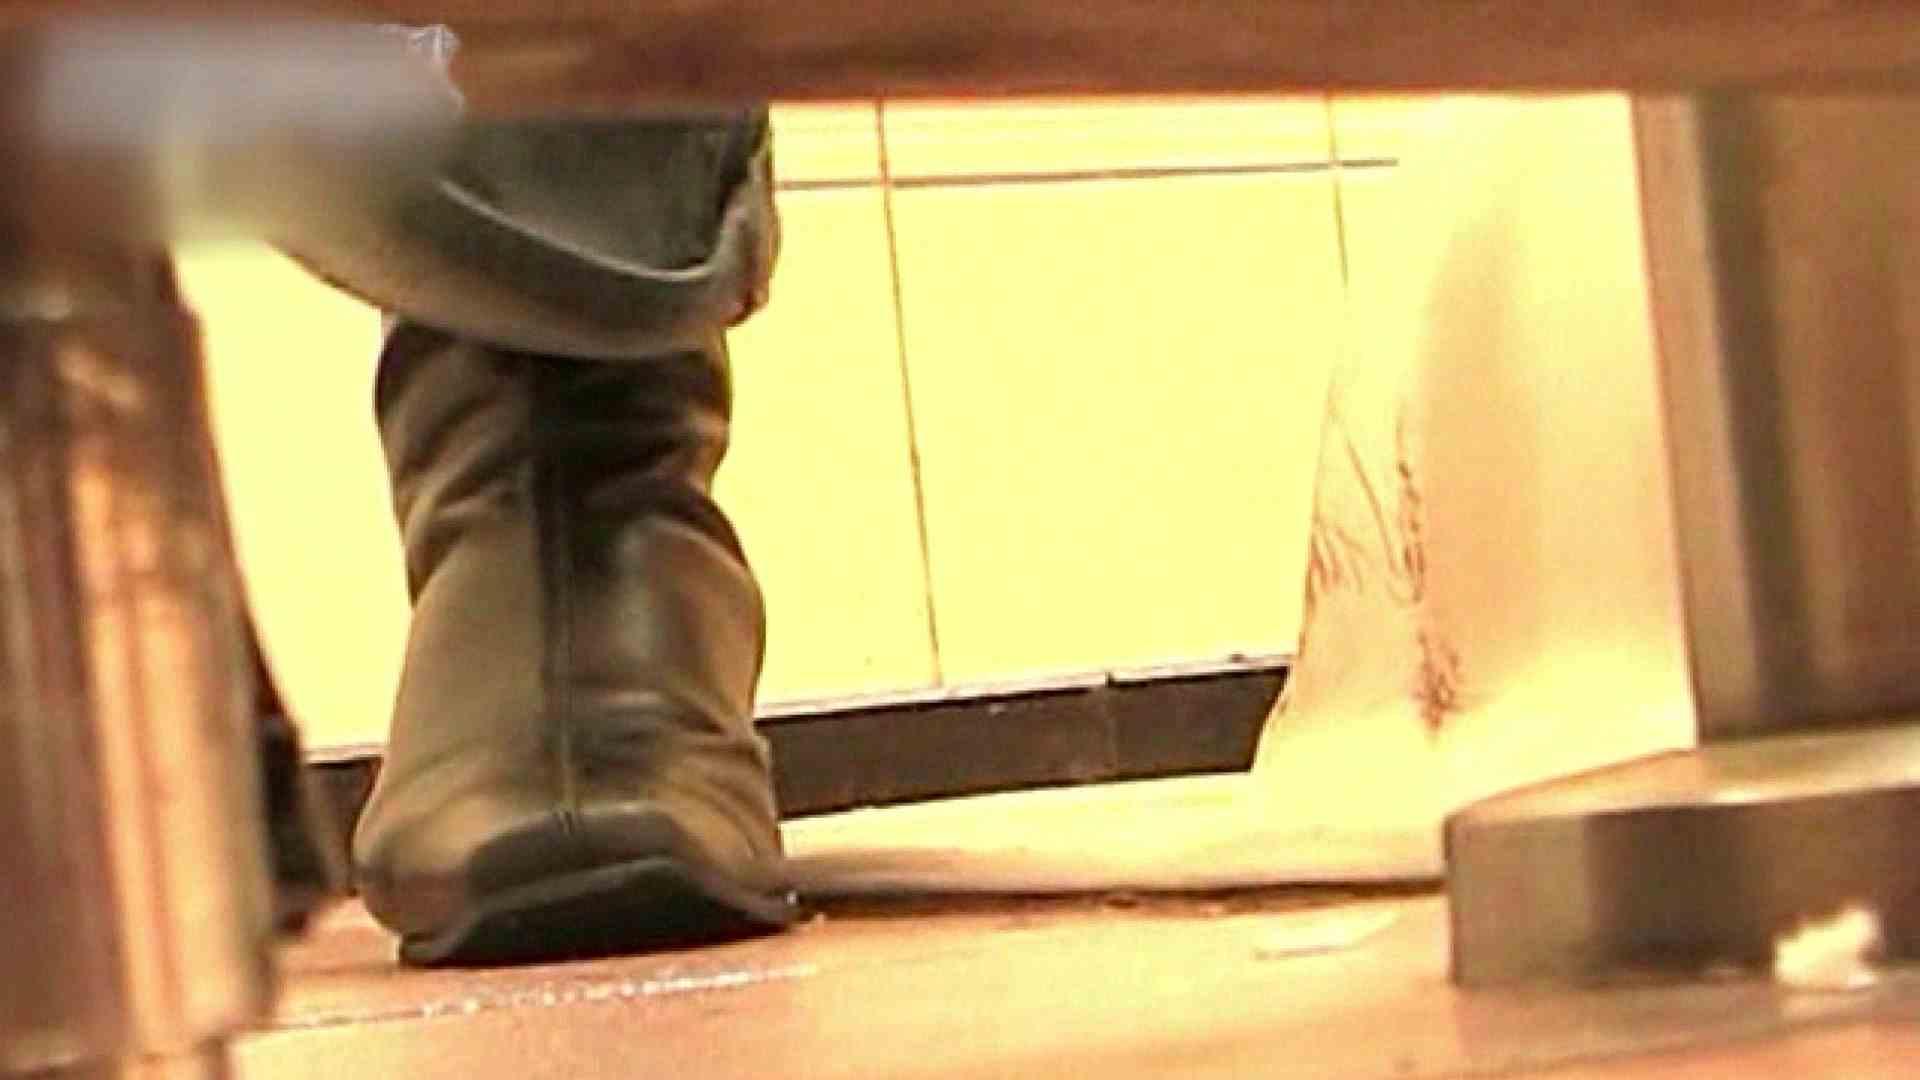 ロックハンドさんの盗撮記録File.54 マンコエロすぎ エロ画像 92PIX 52